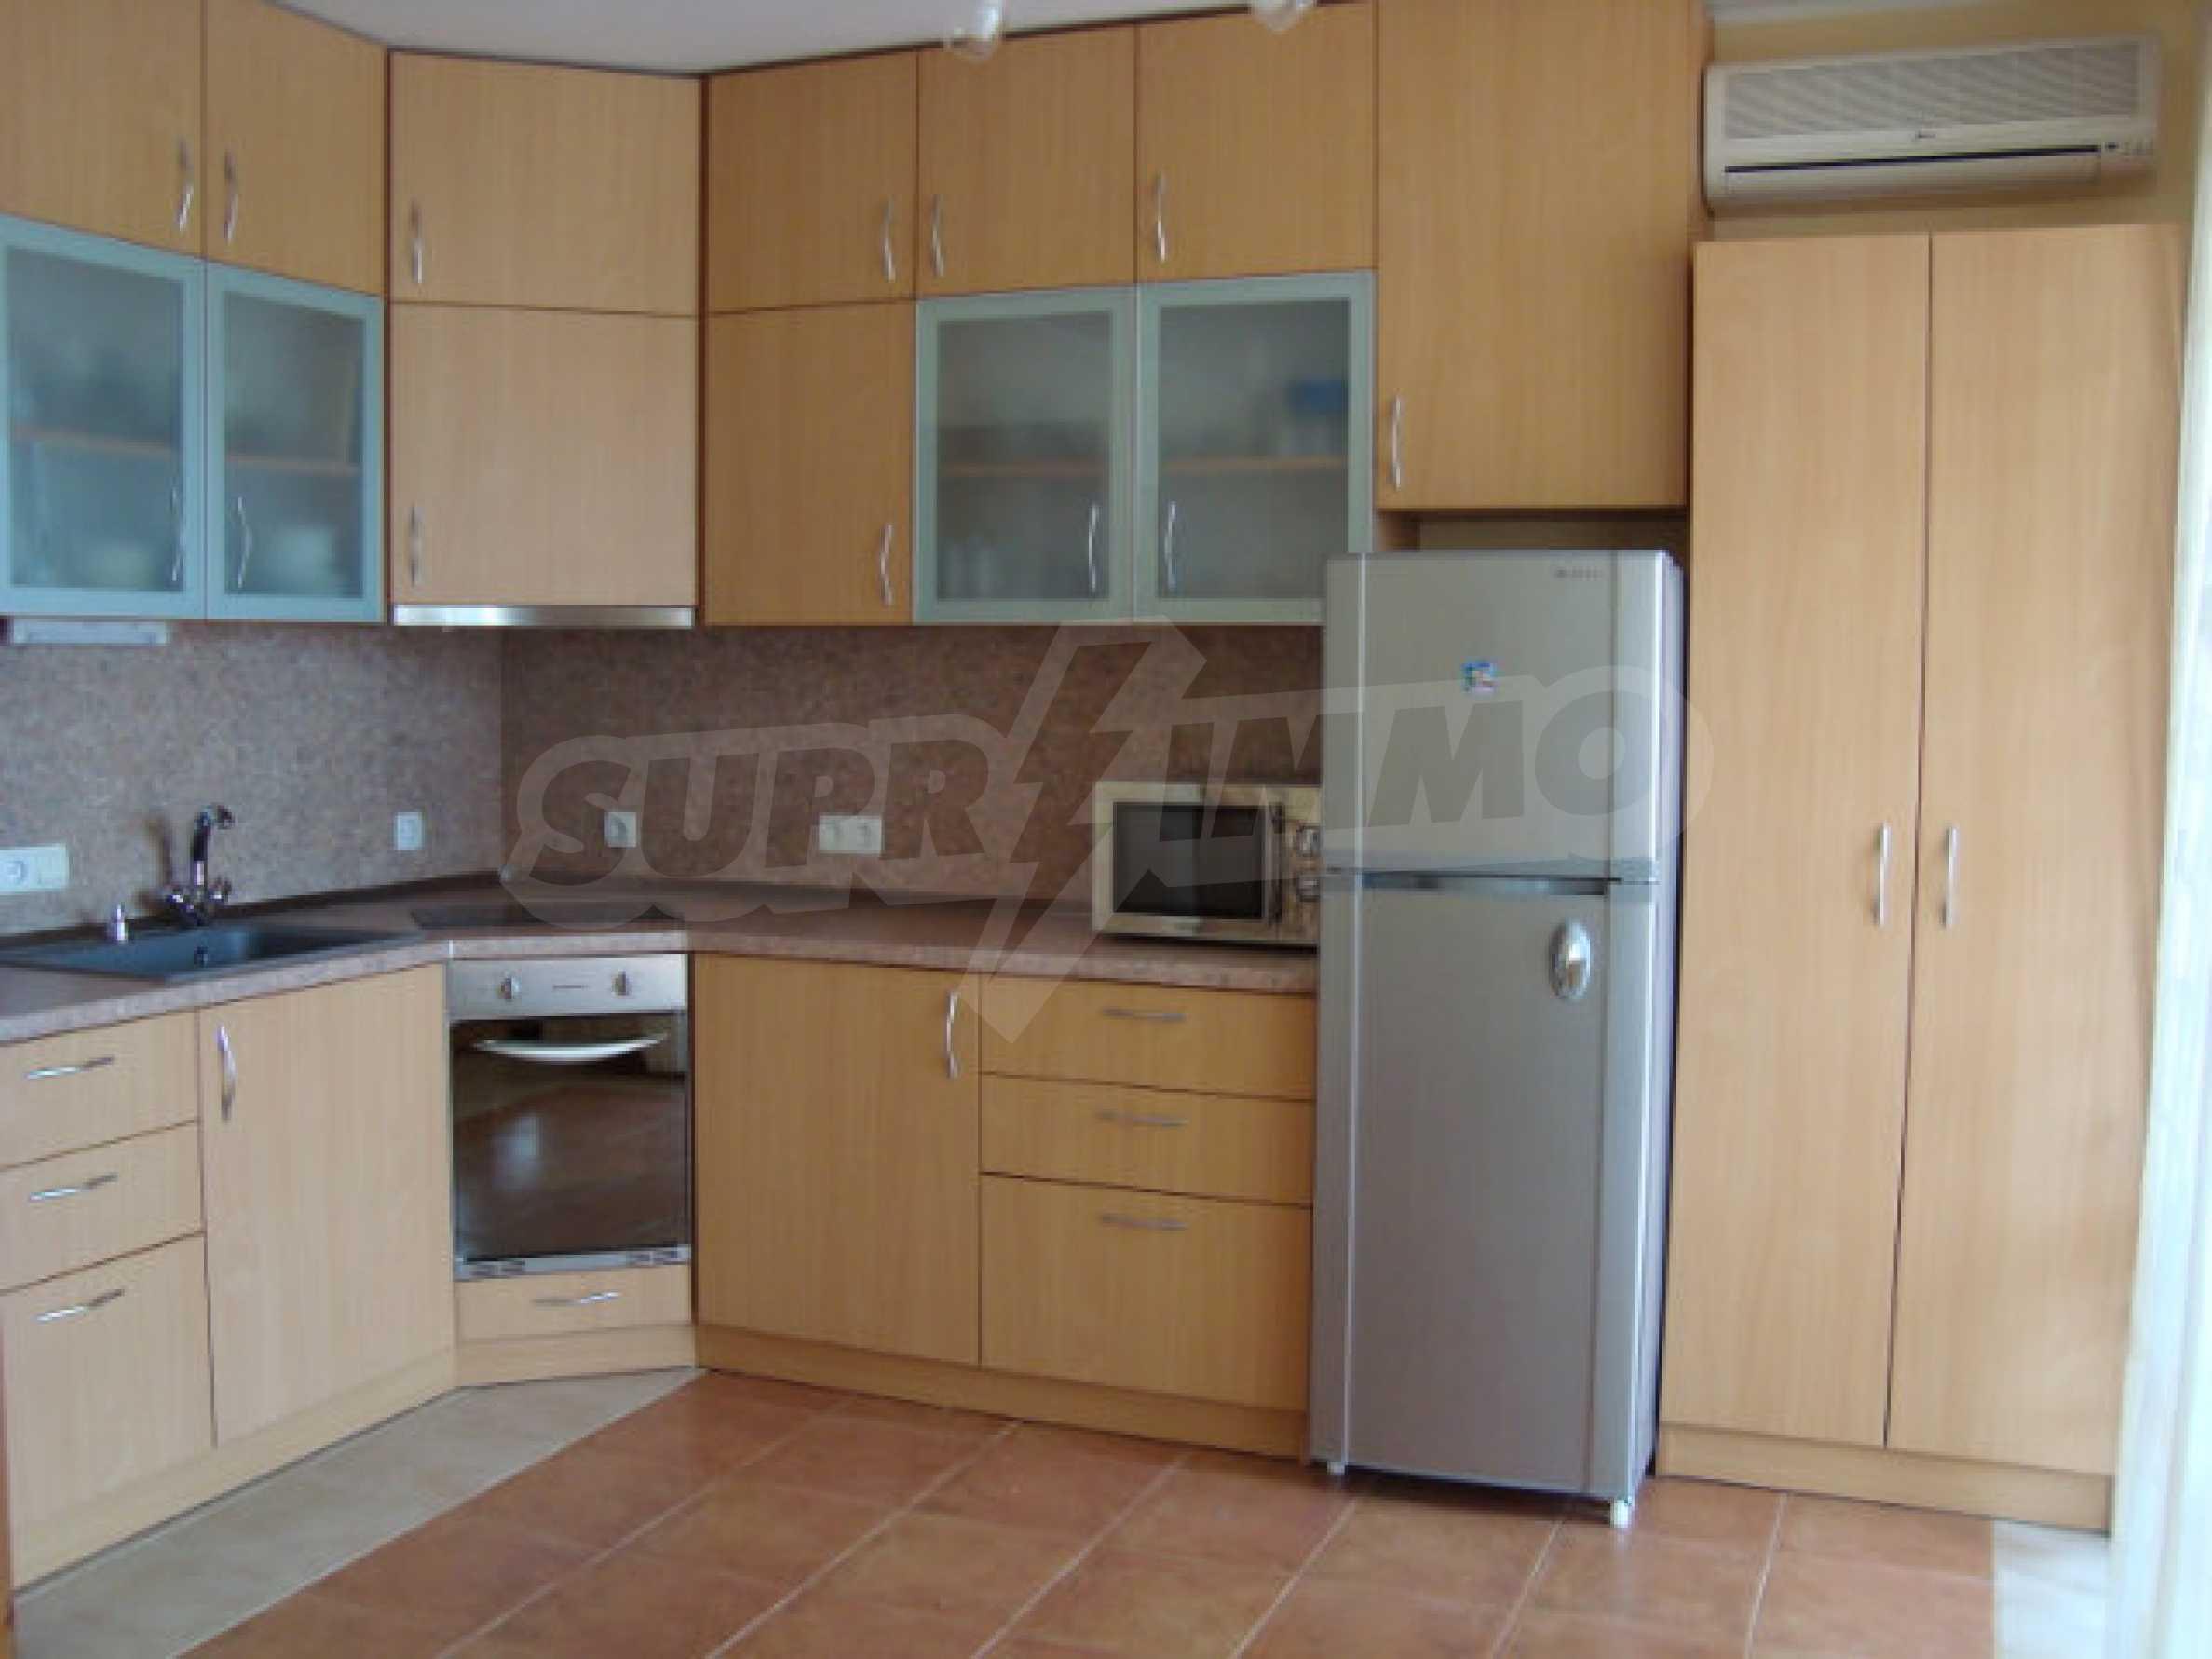 Luxus-Apartment mit zwei Schlafzimmern in einem ausgezeichneten Komplex in Chernomorets 8